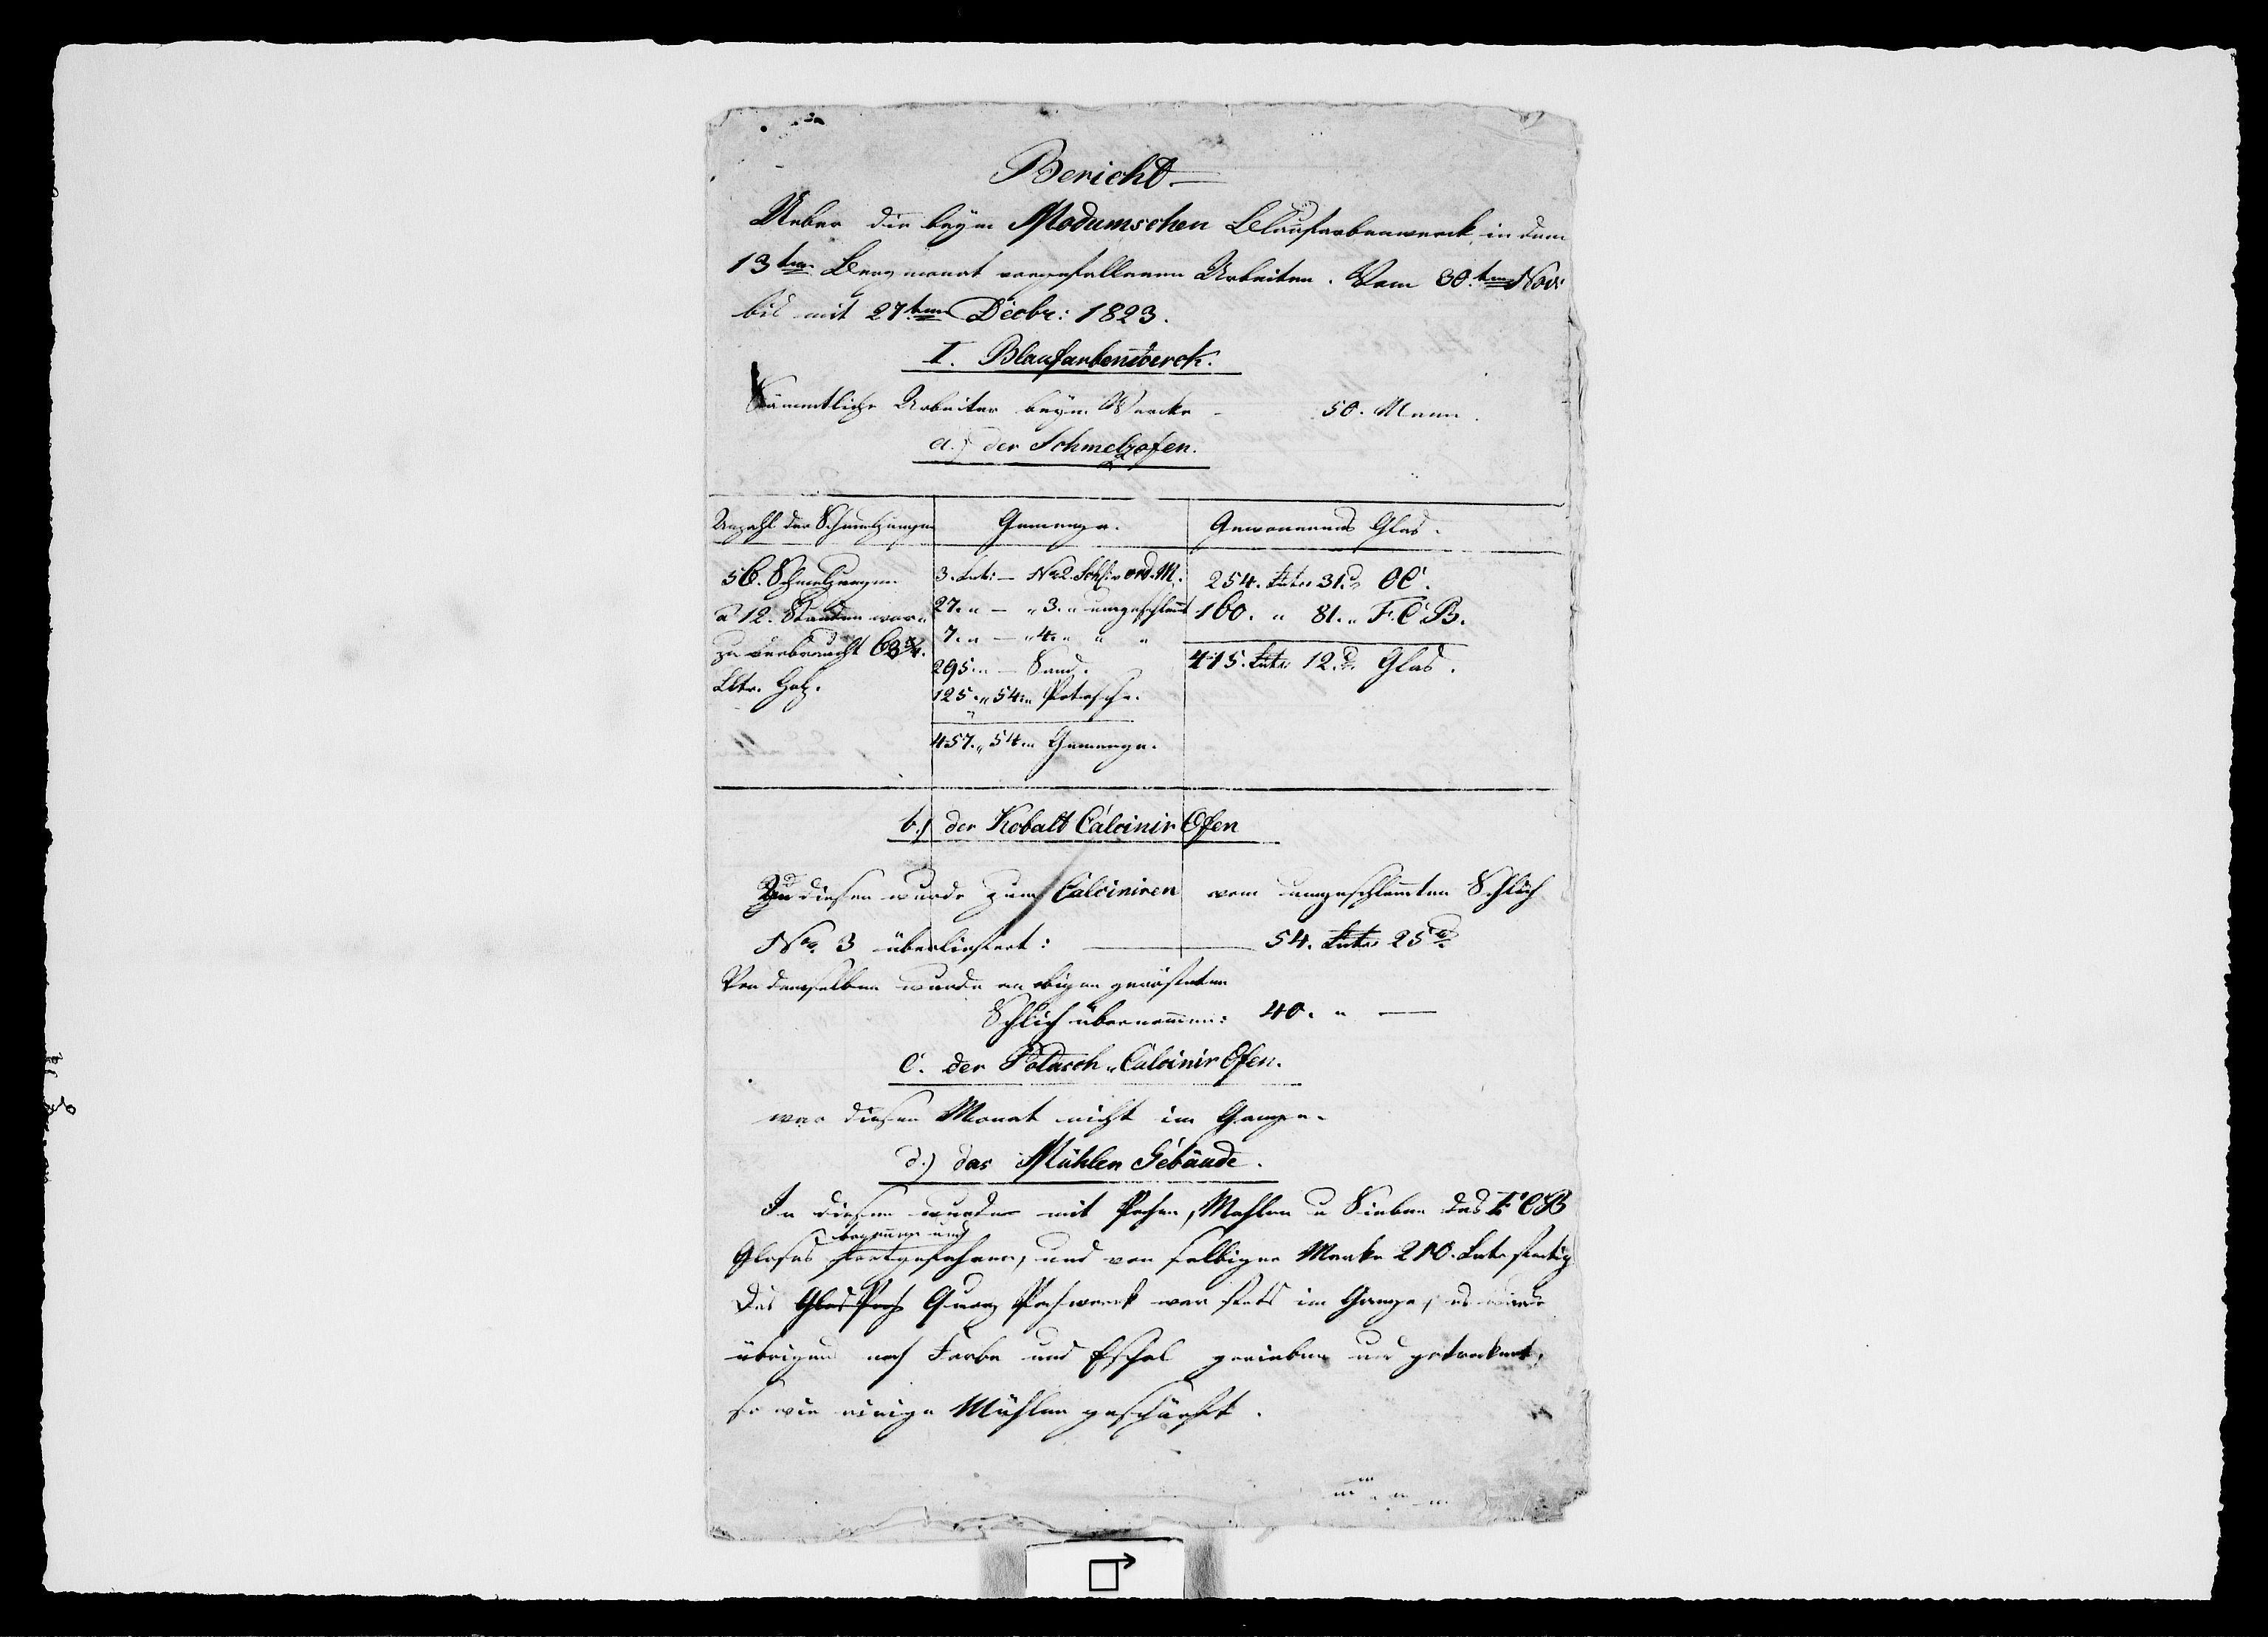 RA, Modums Blaafarveværk, G/Ge/L0315, 1823-1848, s. 2